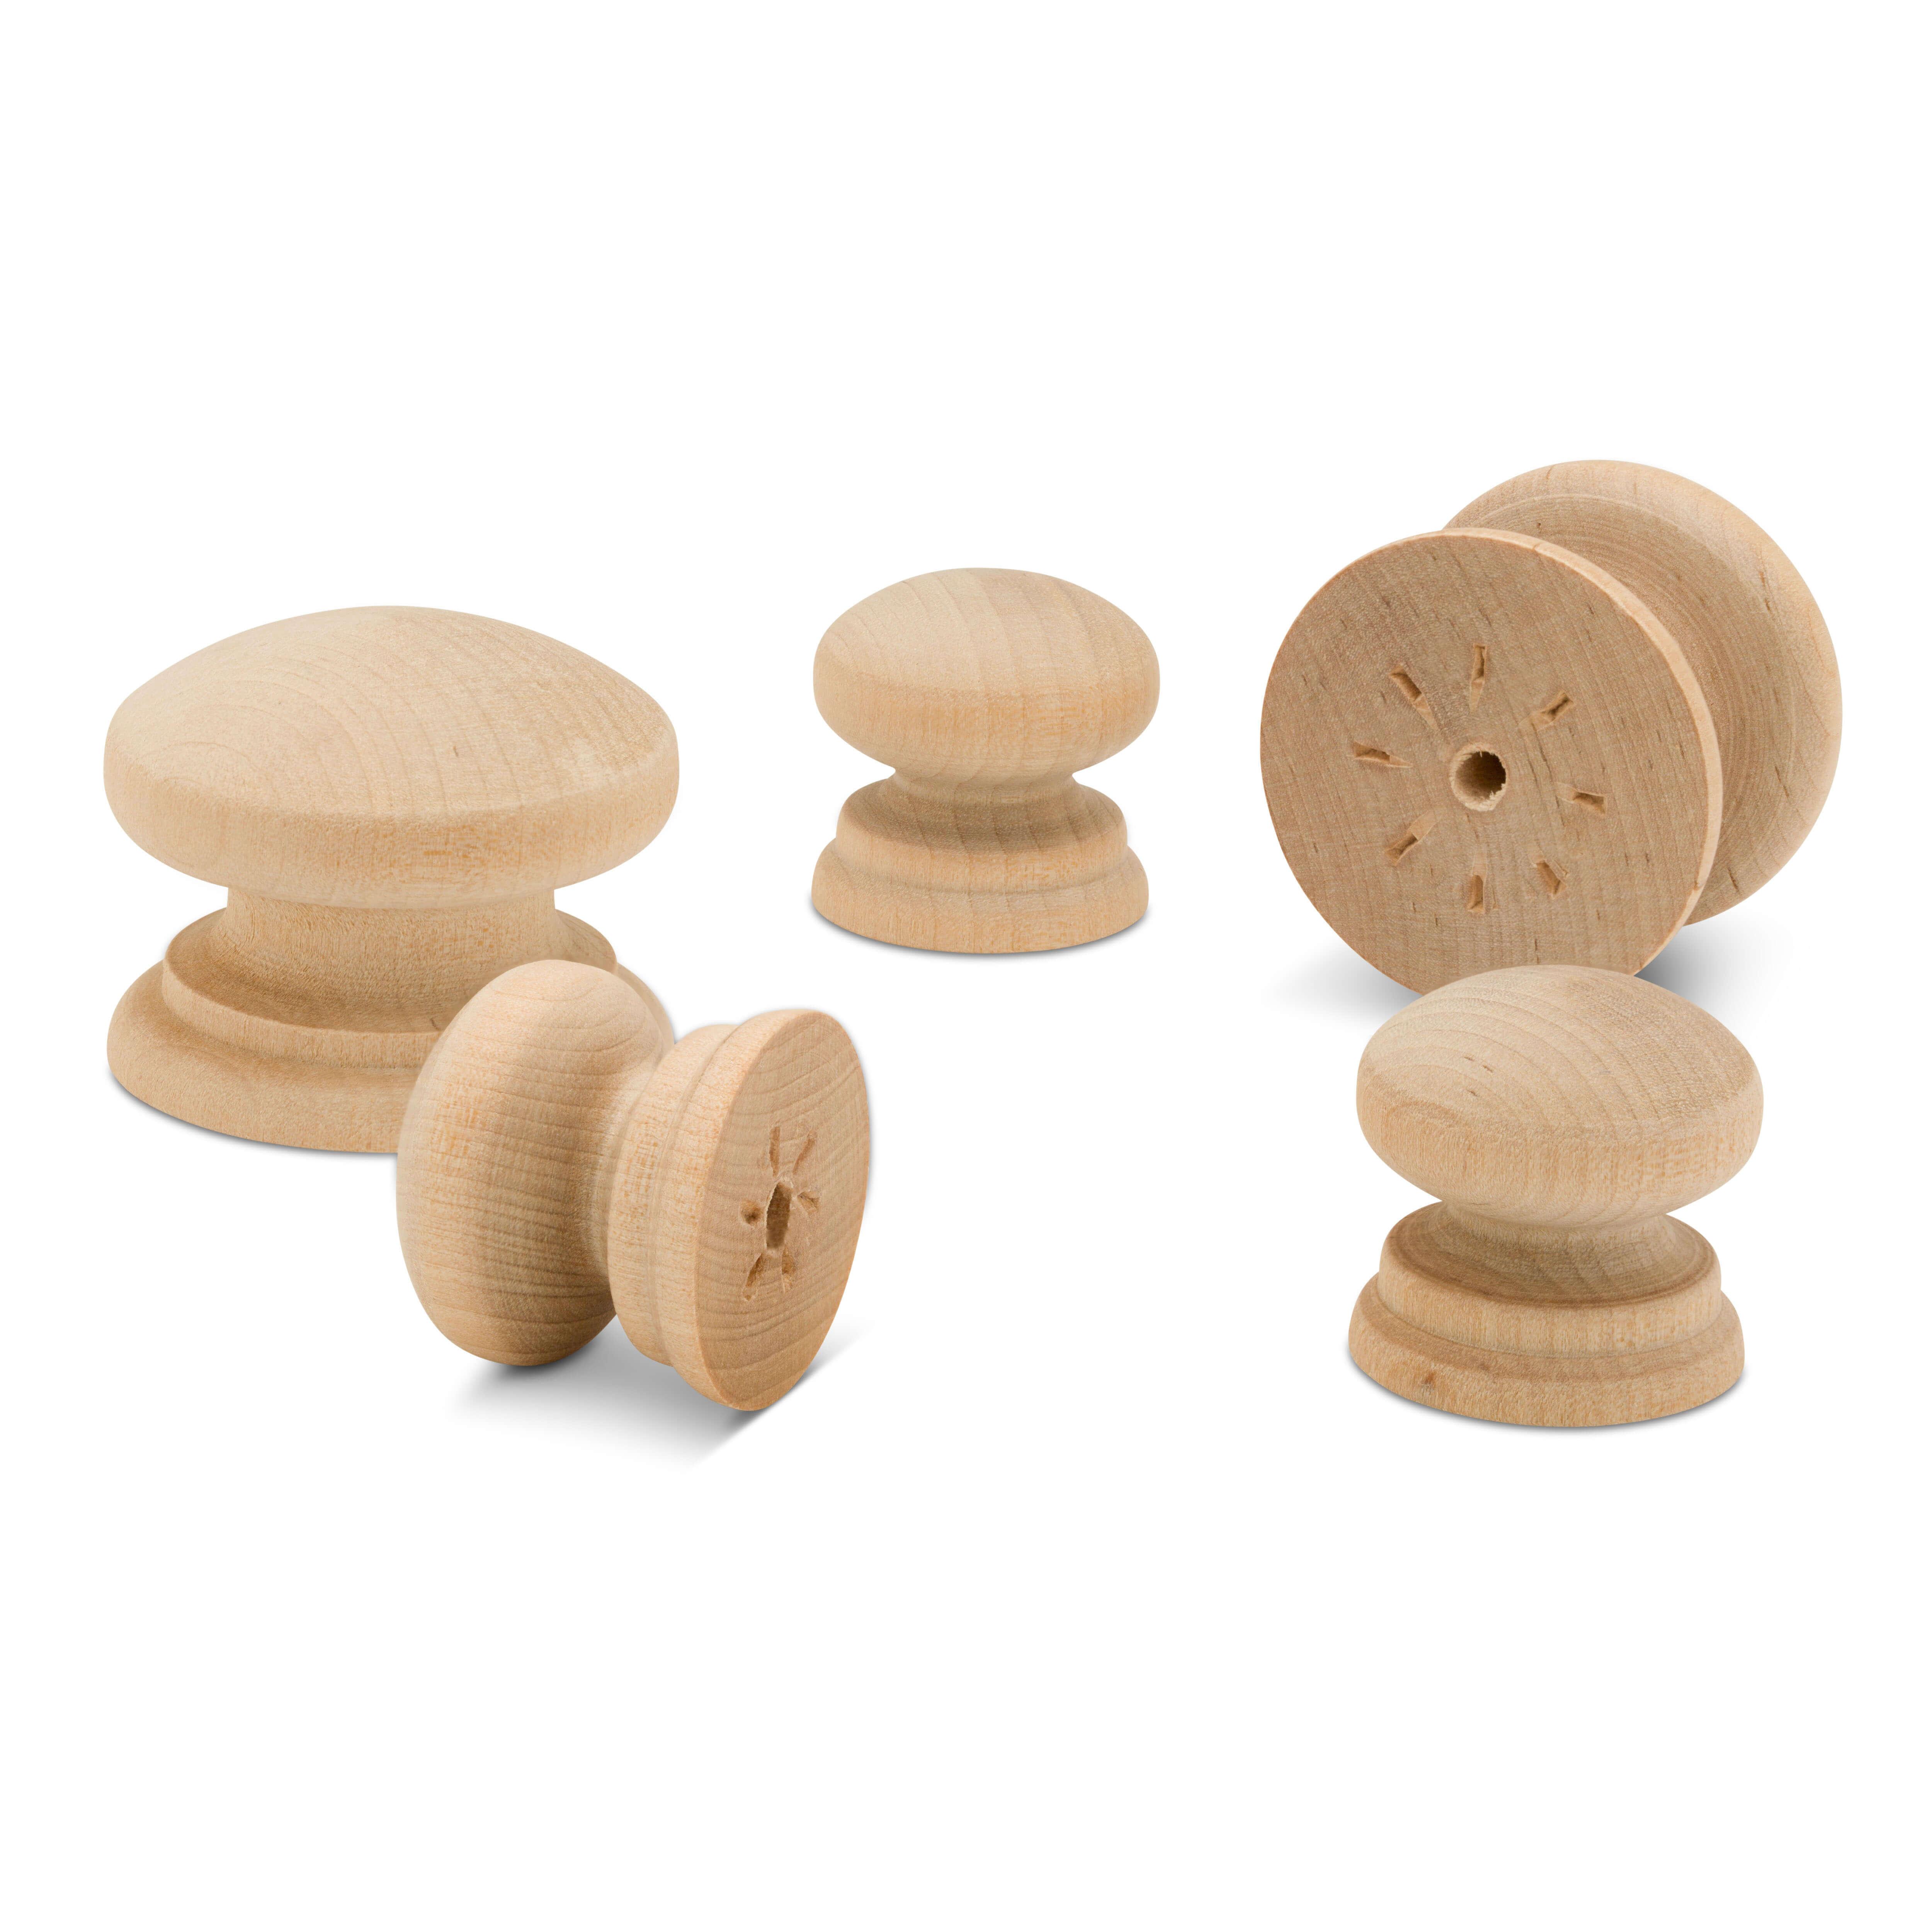 Wooden British Cabinet Knobs